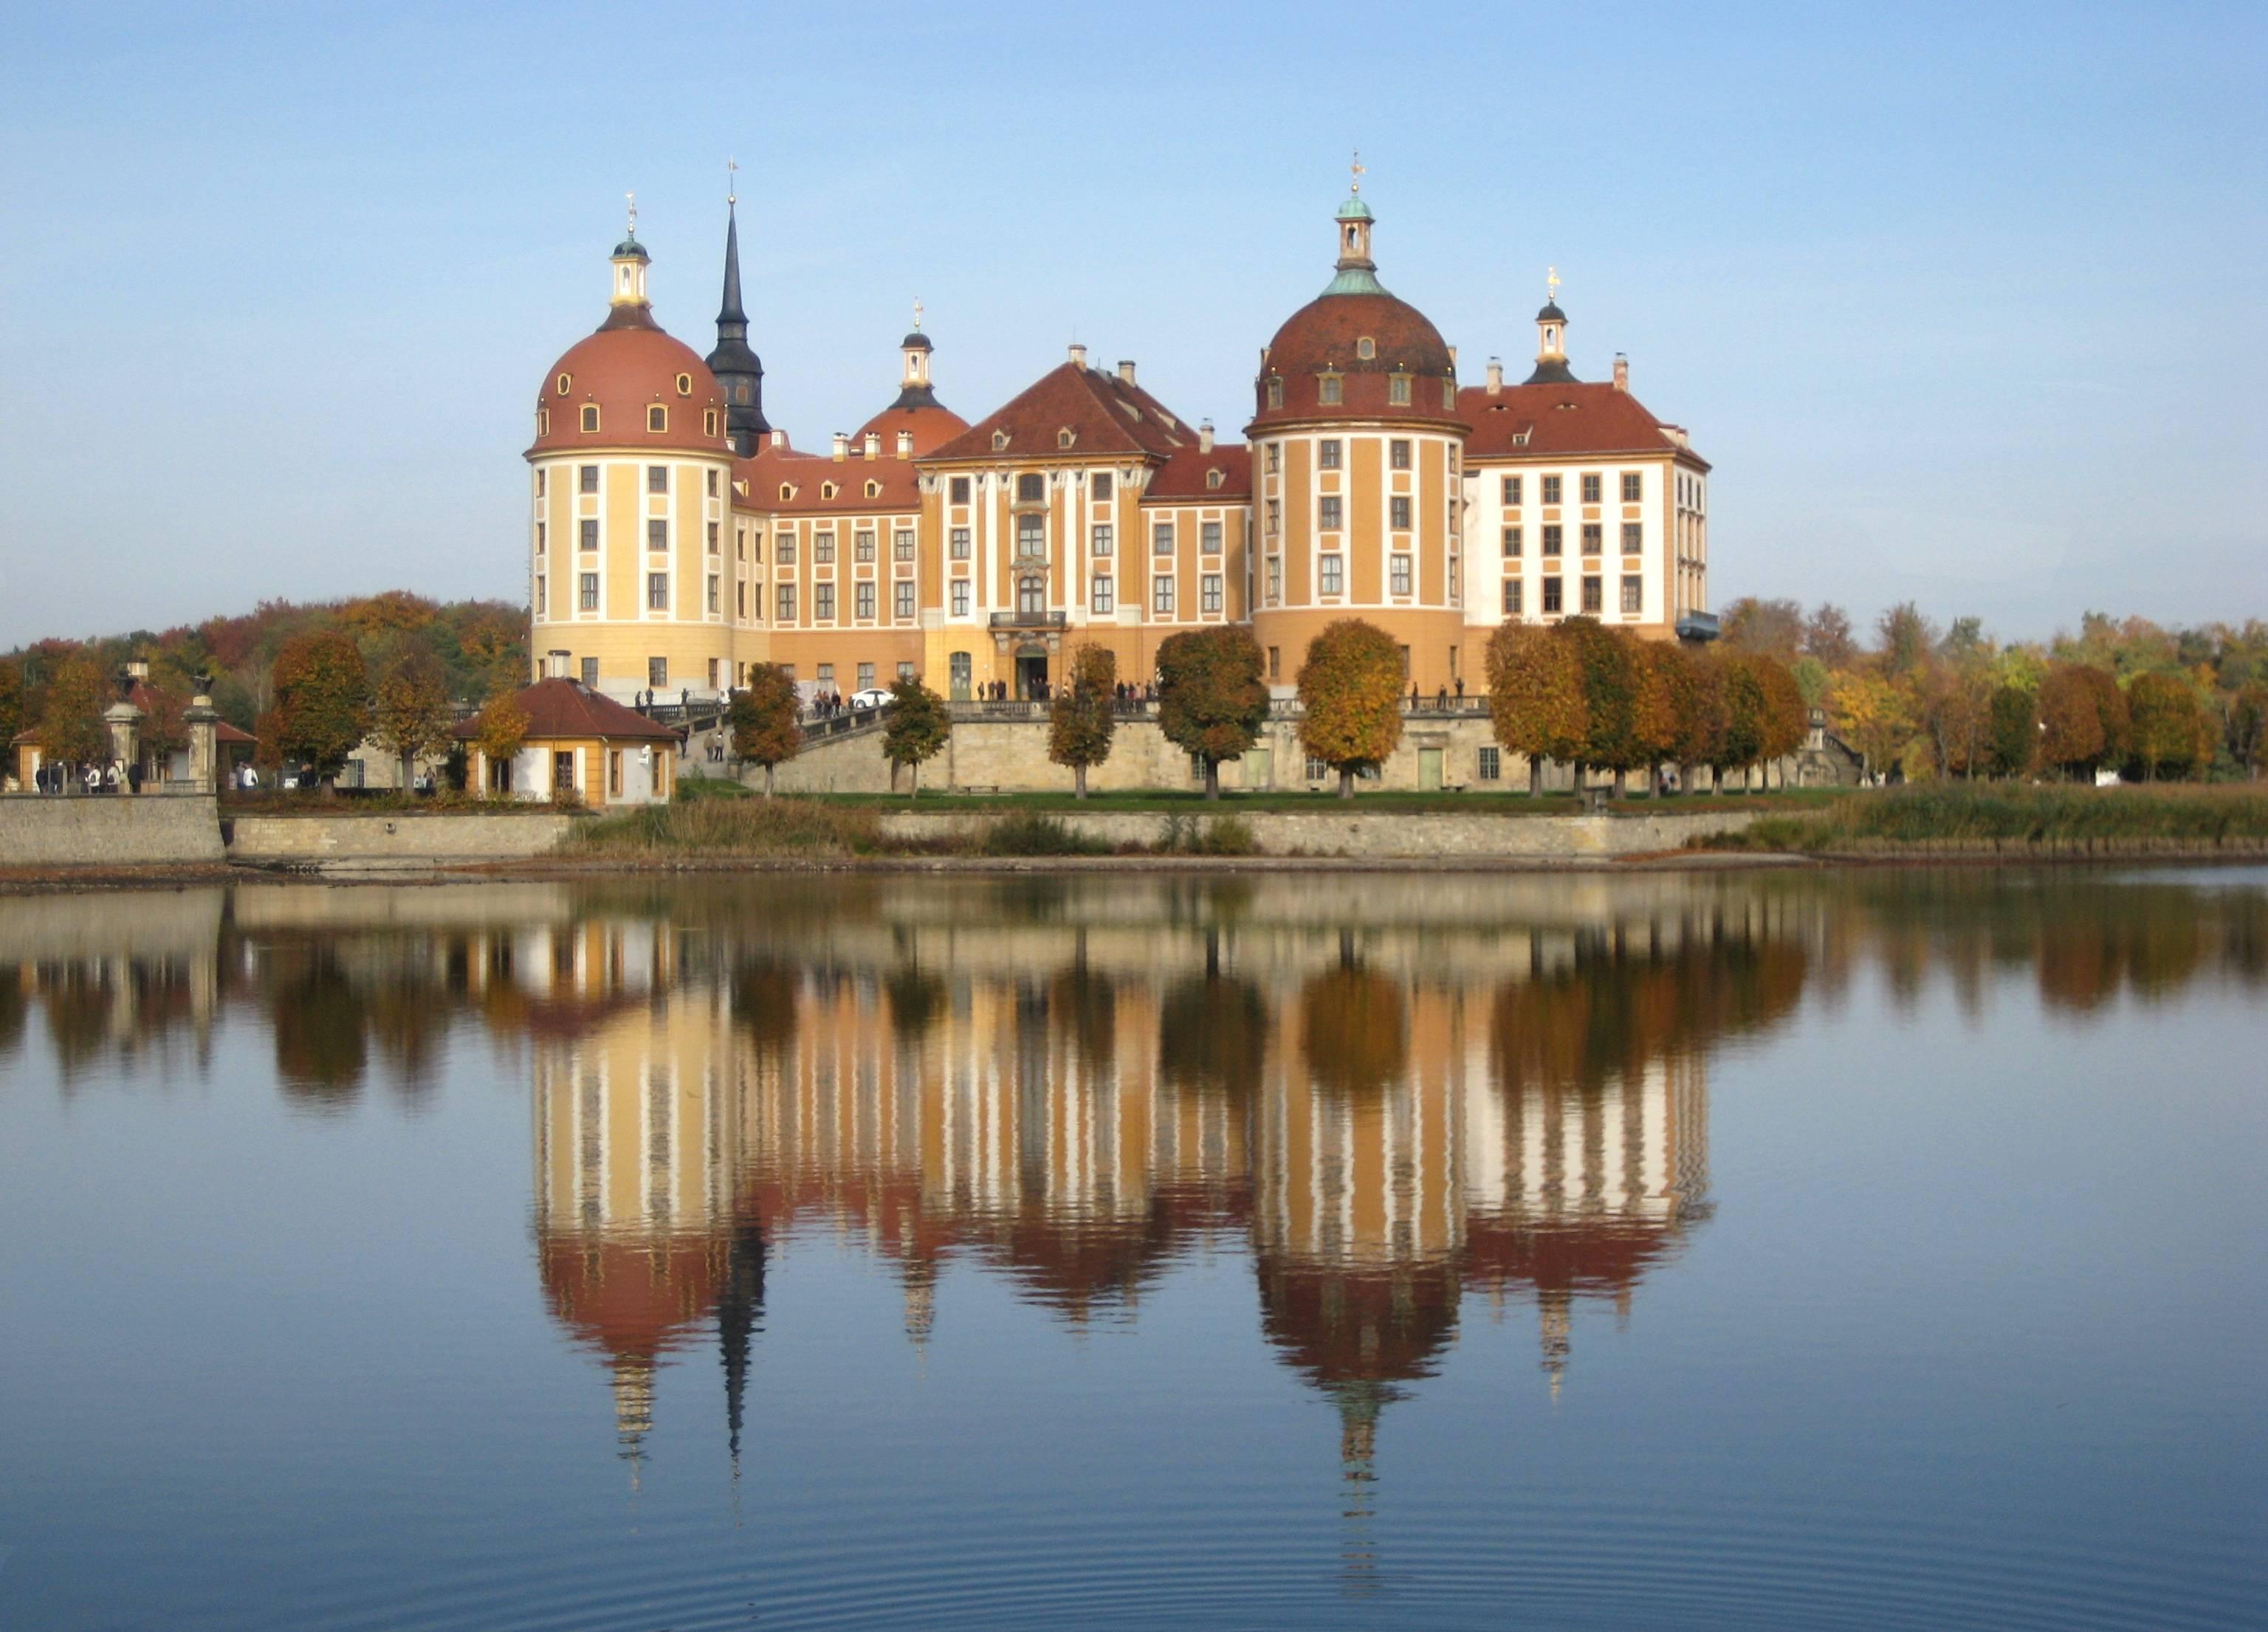 Замок морицбург под дрезденом: почти резиденция золушки